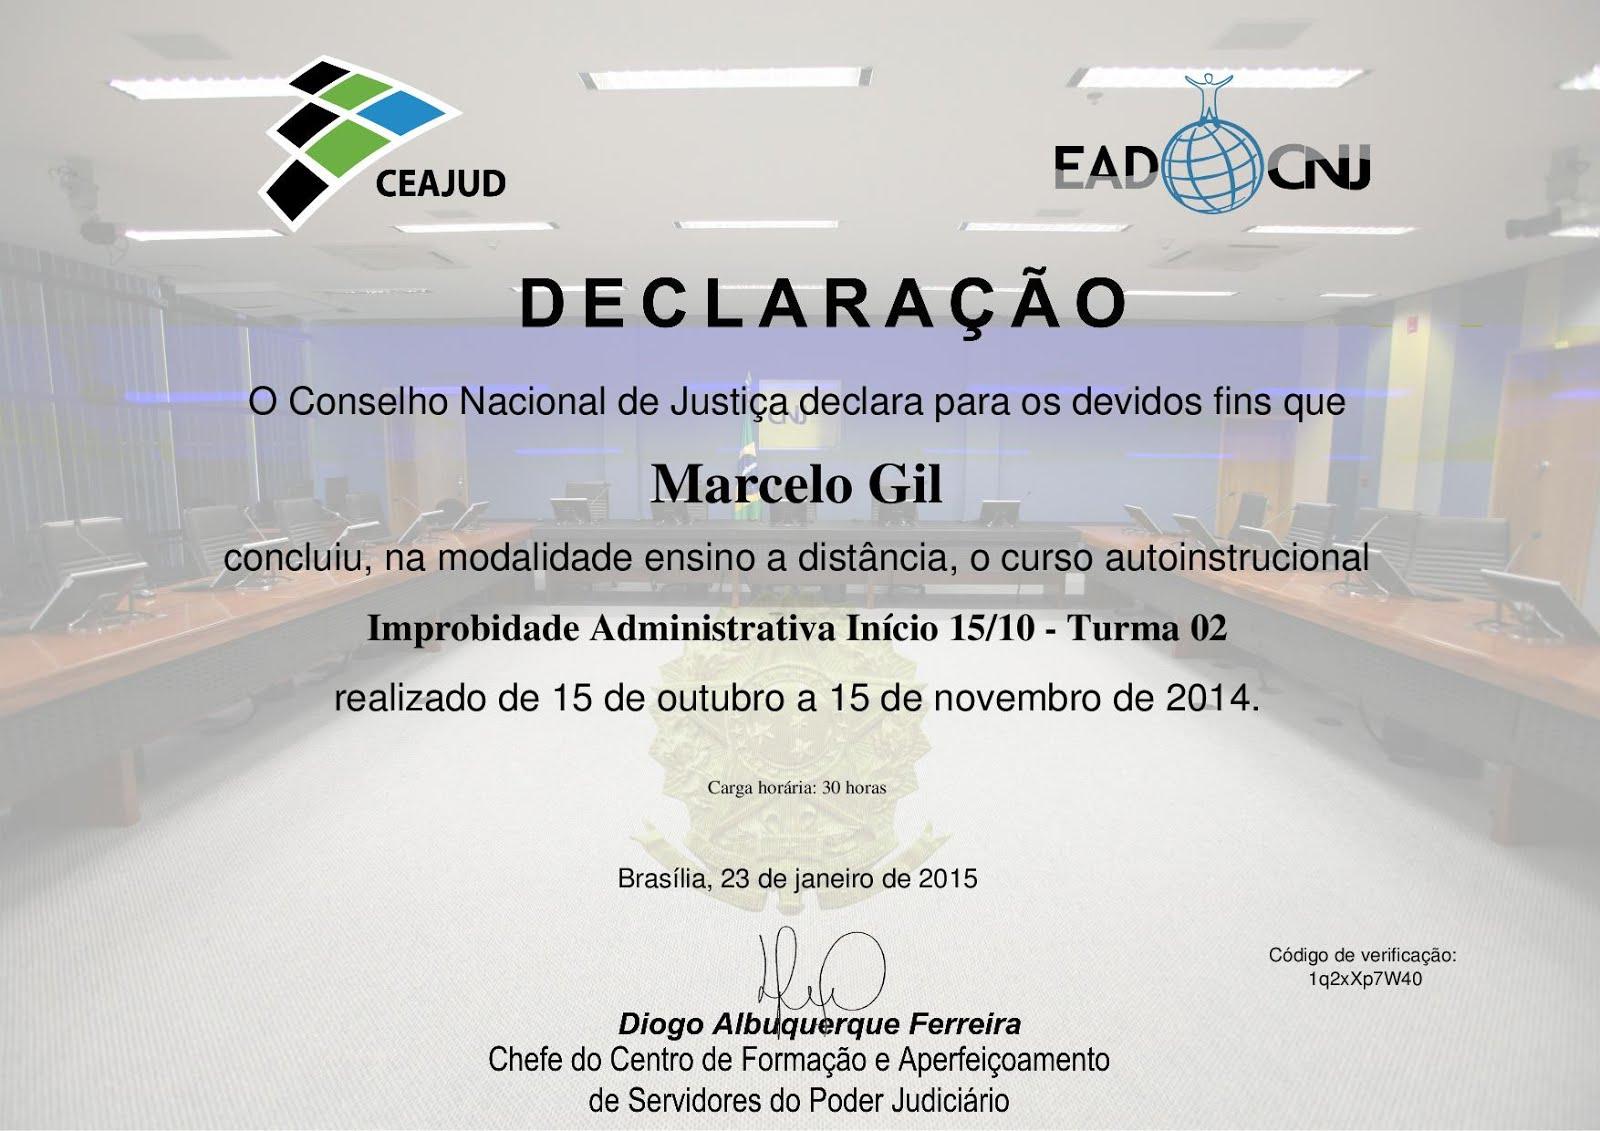 DECLARAÇÃO DO CONSELHO NACIONAL DE JUSTIÇA CONCEDIDO À MARCELO GIL / 2015